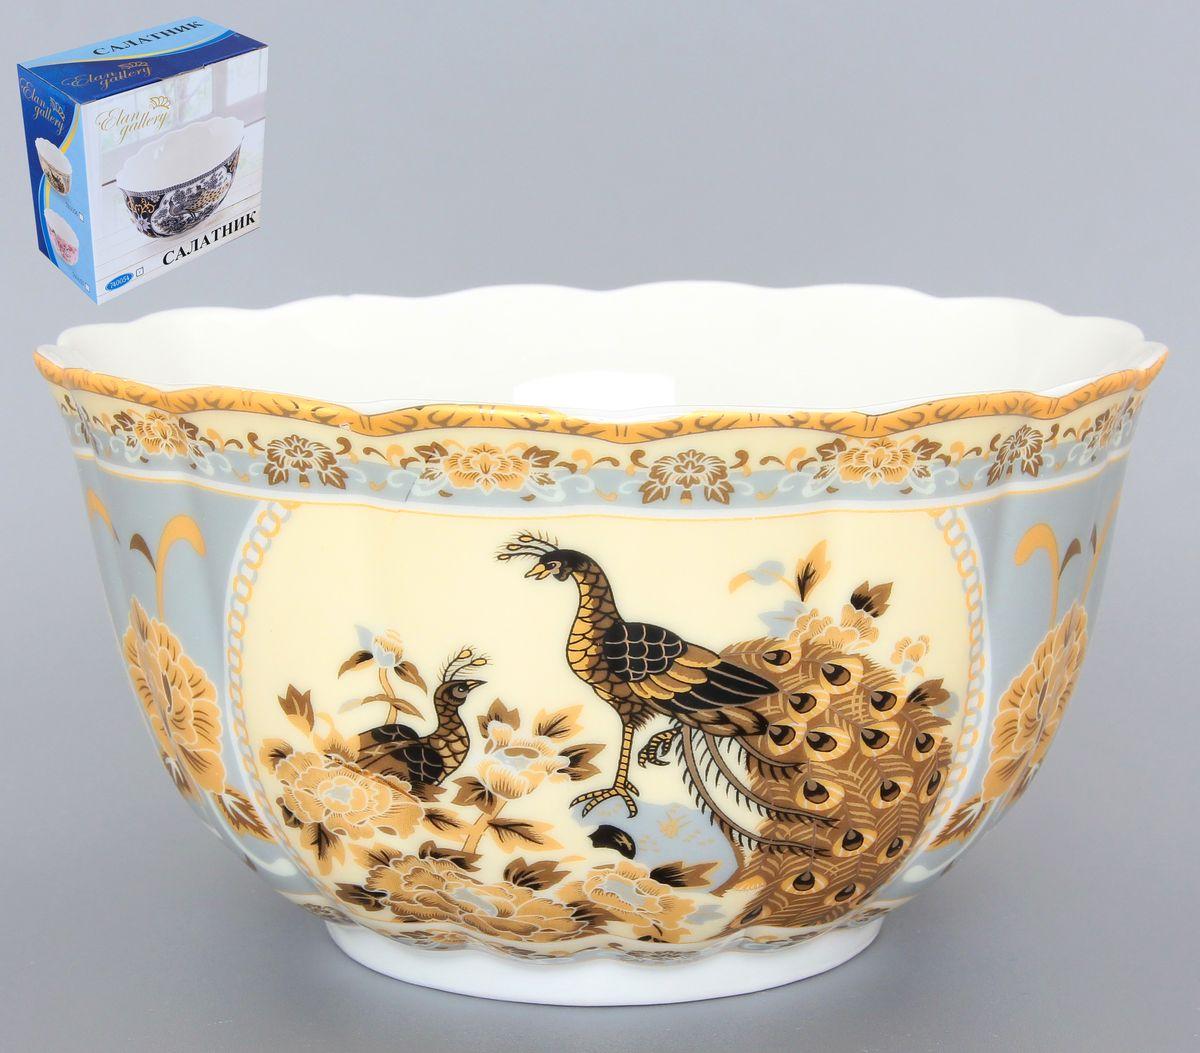 Салатник Elan Gallery Павлин, 850 мл. 740122740122Великолепный салатник с волнистым краем Elan Gallery Павлин, изготовленный из высококачественной керамики, прекрасно подойдет для подачи различных блюд: закусок, салатов или фруктов. Такой салатник украсит ваш праздничный или обеденный стол, а оригинальное исполнение понравится любой хозяйке. Диаметр салатника (по верхнему краю): 16 см. Высота салатника: 10 см. Объем салатника: 850 мл.